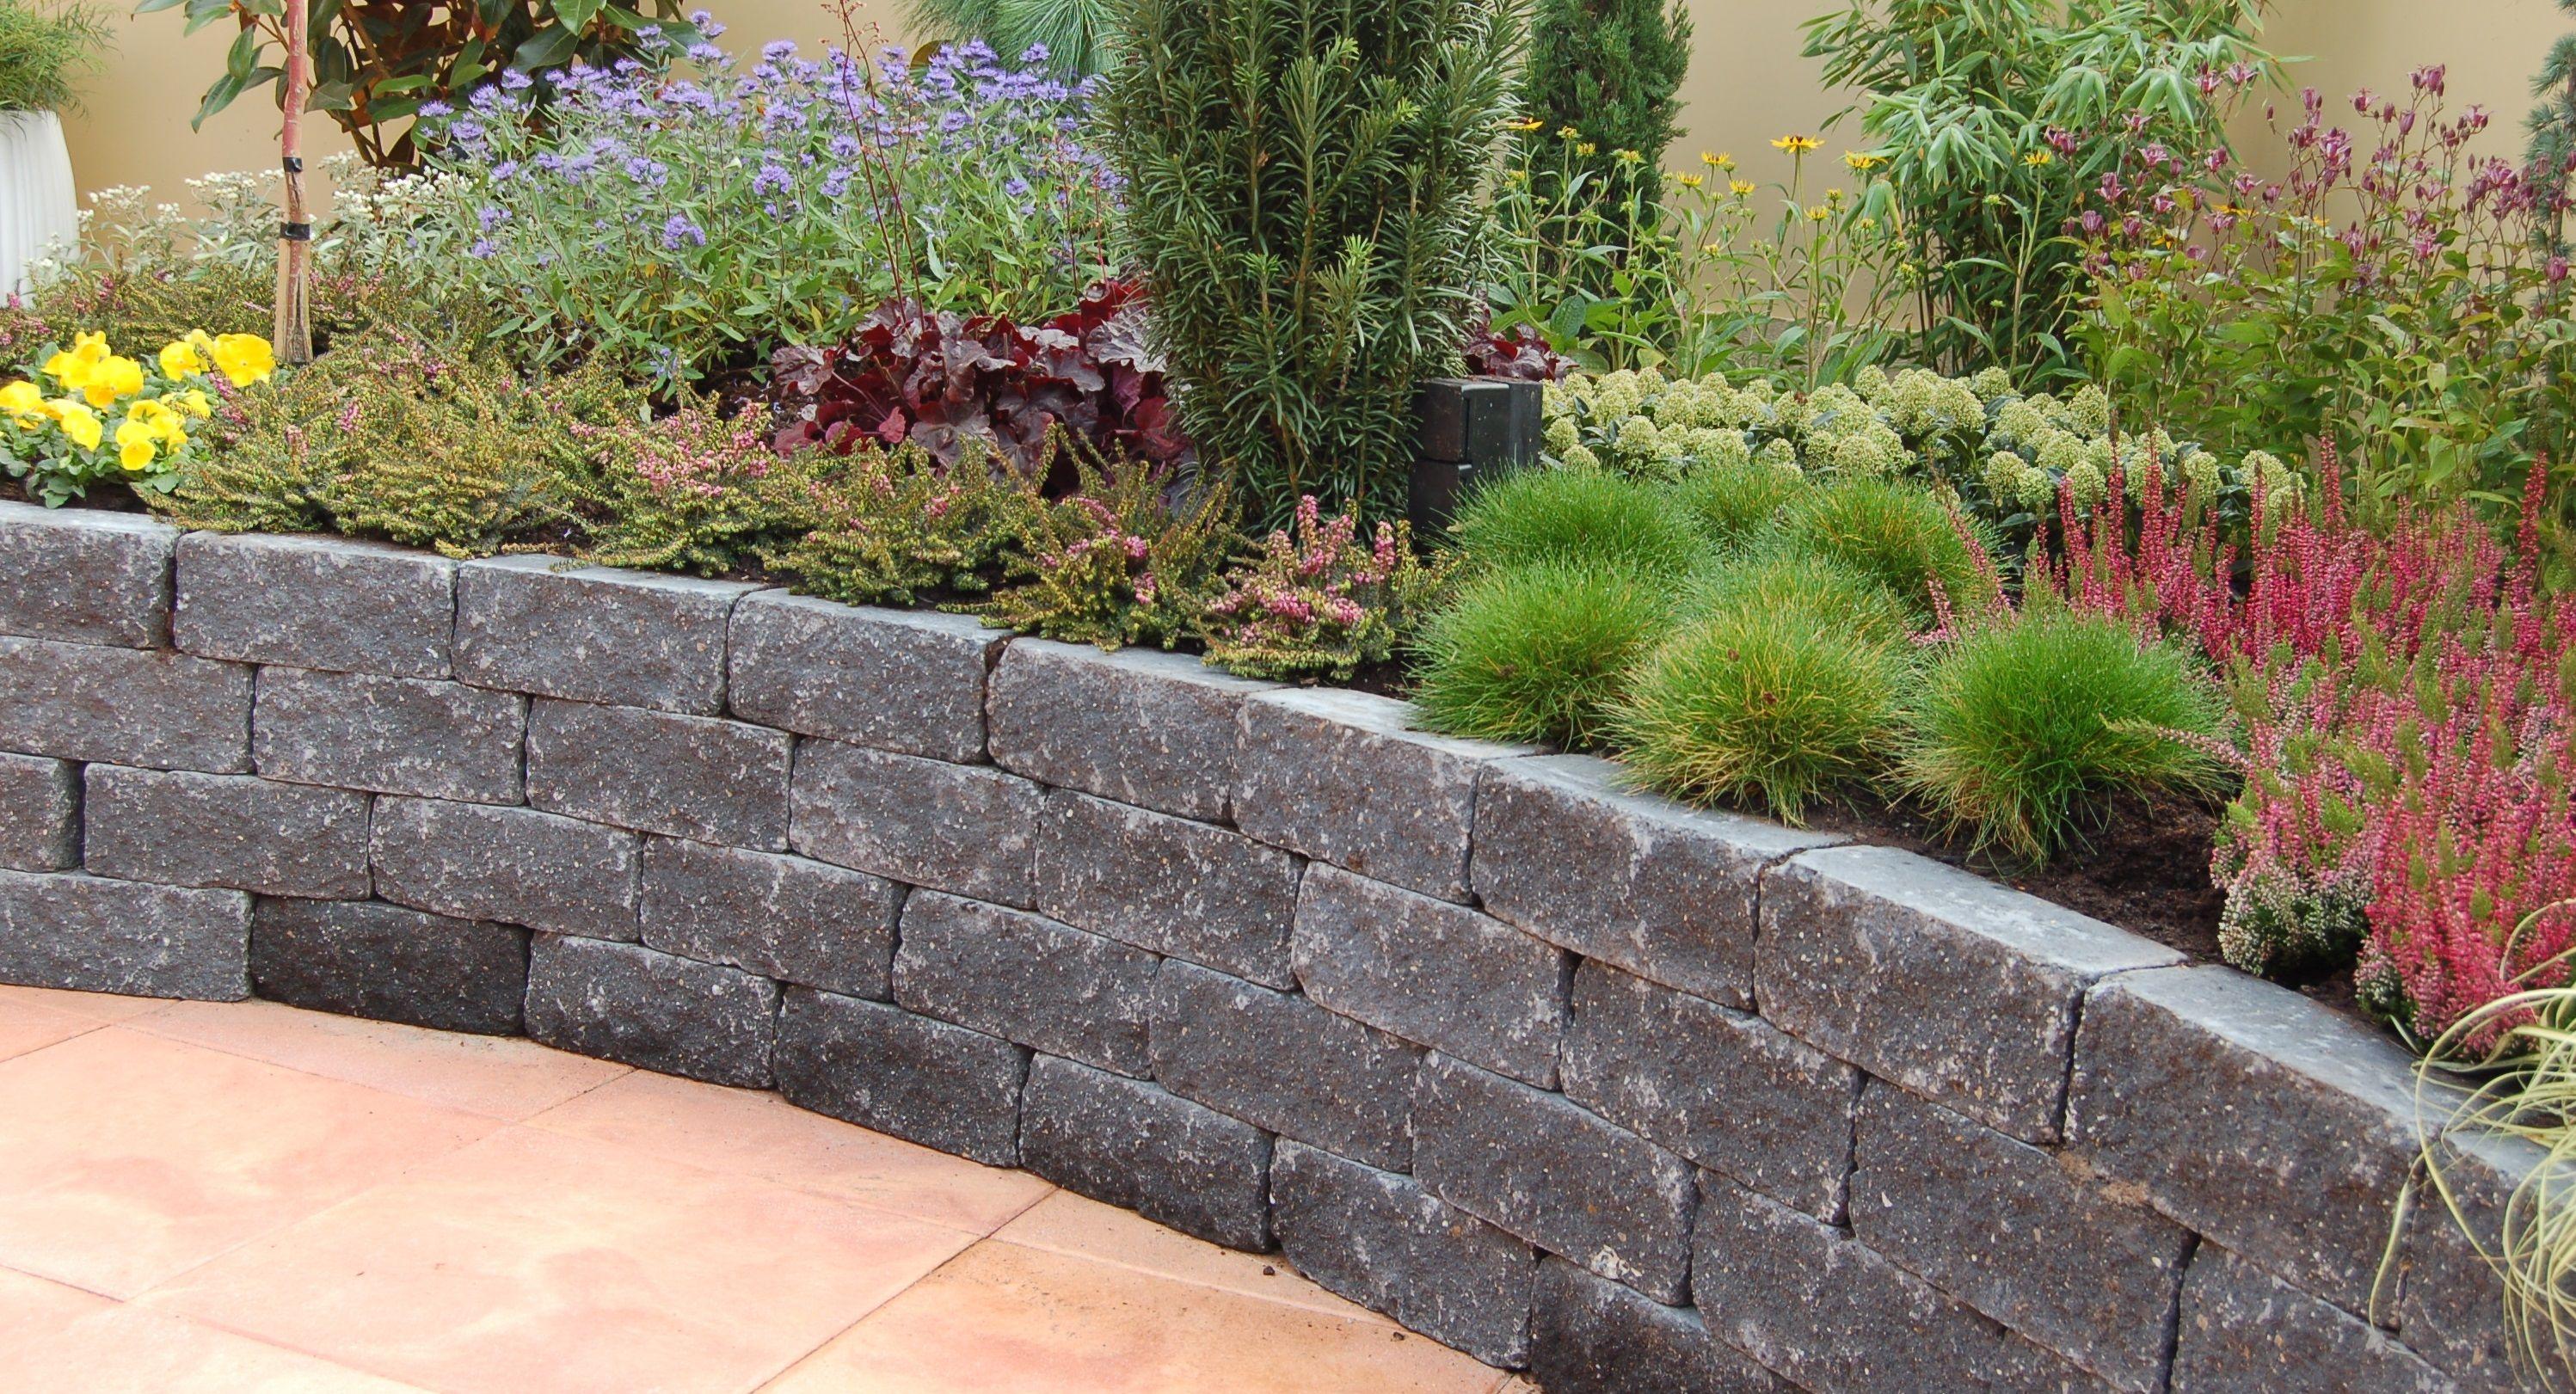 Mooie stenen voor verhoogde borders verhoogde borders in de tuin pinterest tuin vaste for Tuin decoratie met stenen